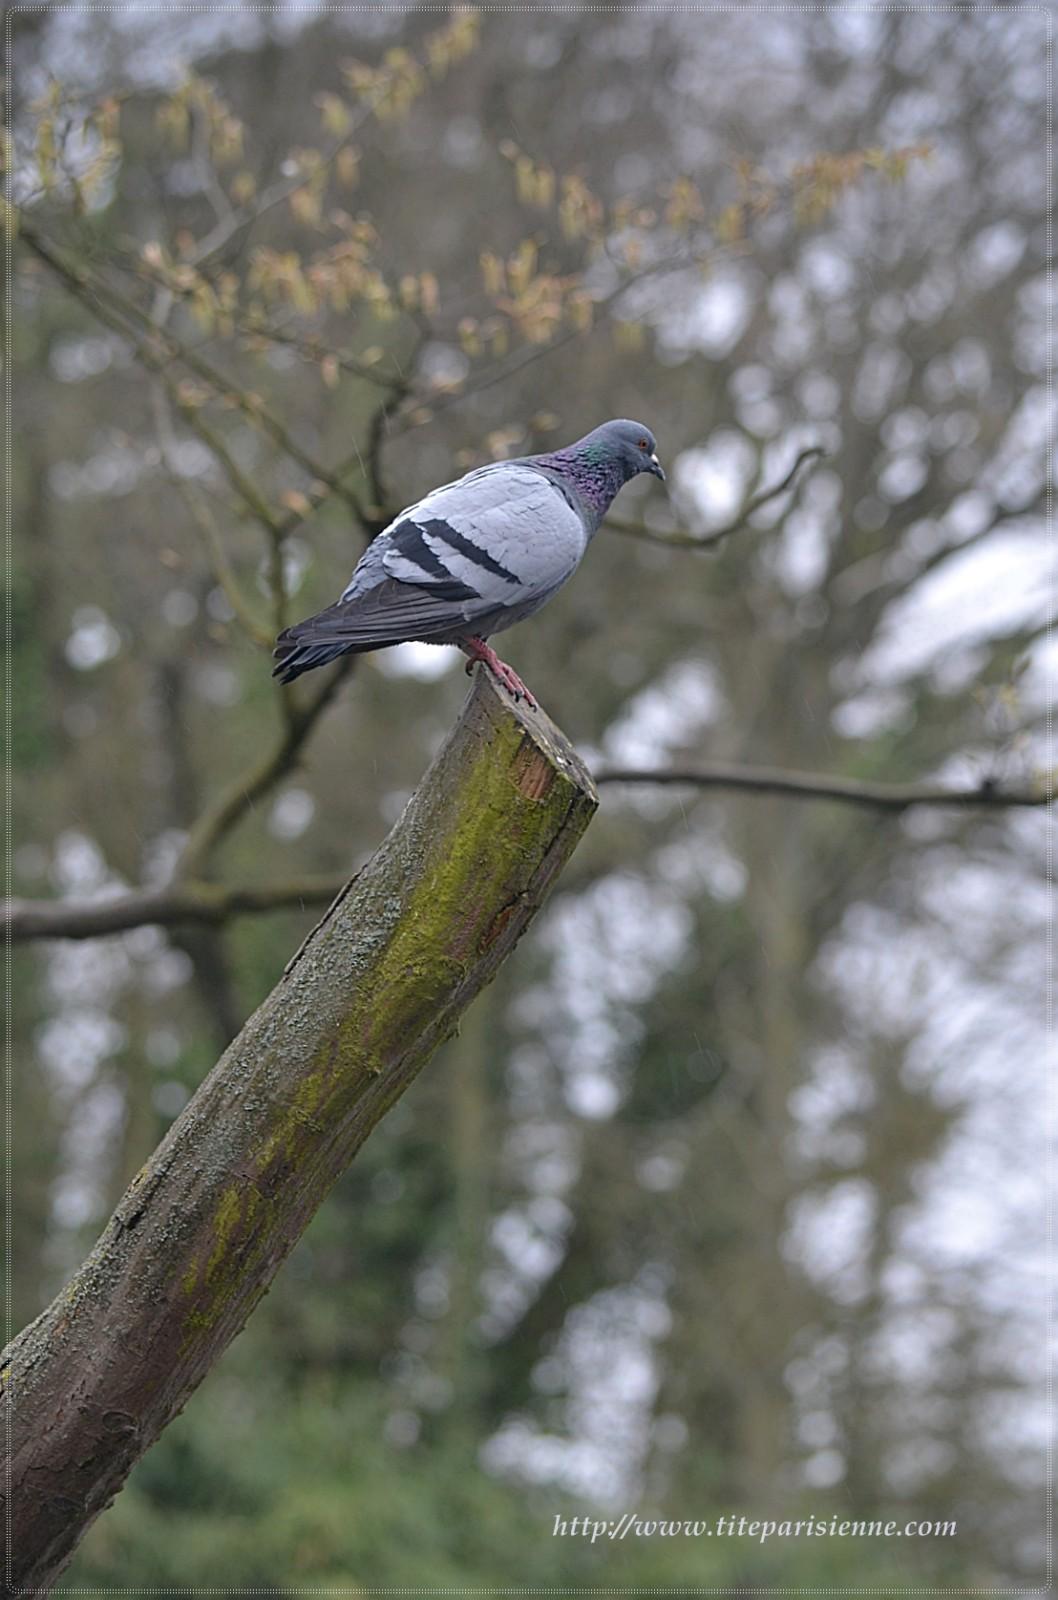 Ce Que Detestent Les Pigeons : detestent, pigeons, Faut-il, Détester, Avoir, Pigeons, Fleur, Paris